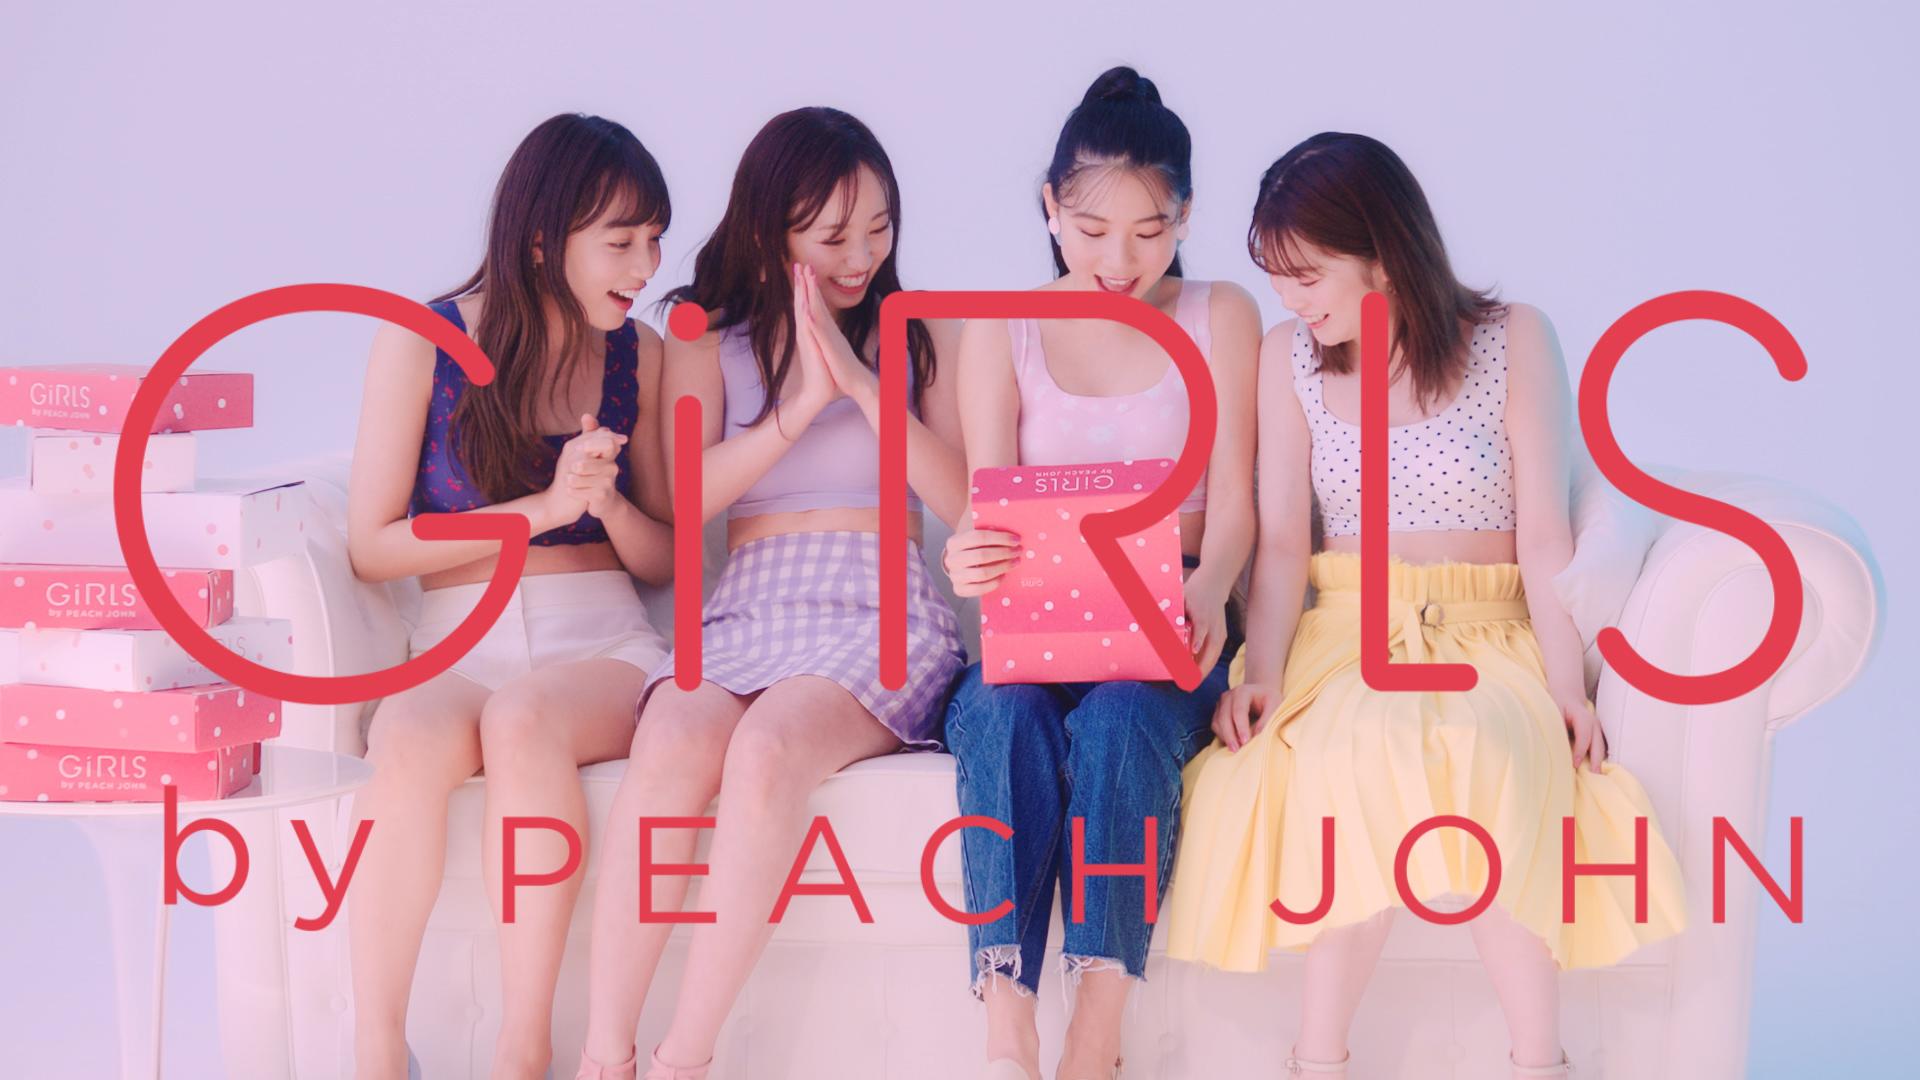 『GiRLS by PEACH JOHN』(ピーチ・ジョンの若年層向けの新ブランド)今泉佑唯(元欅坂46)下着姿 ランジェリー